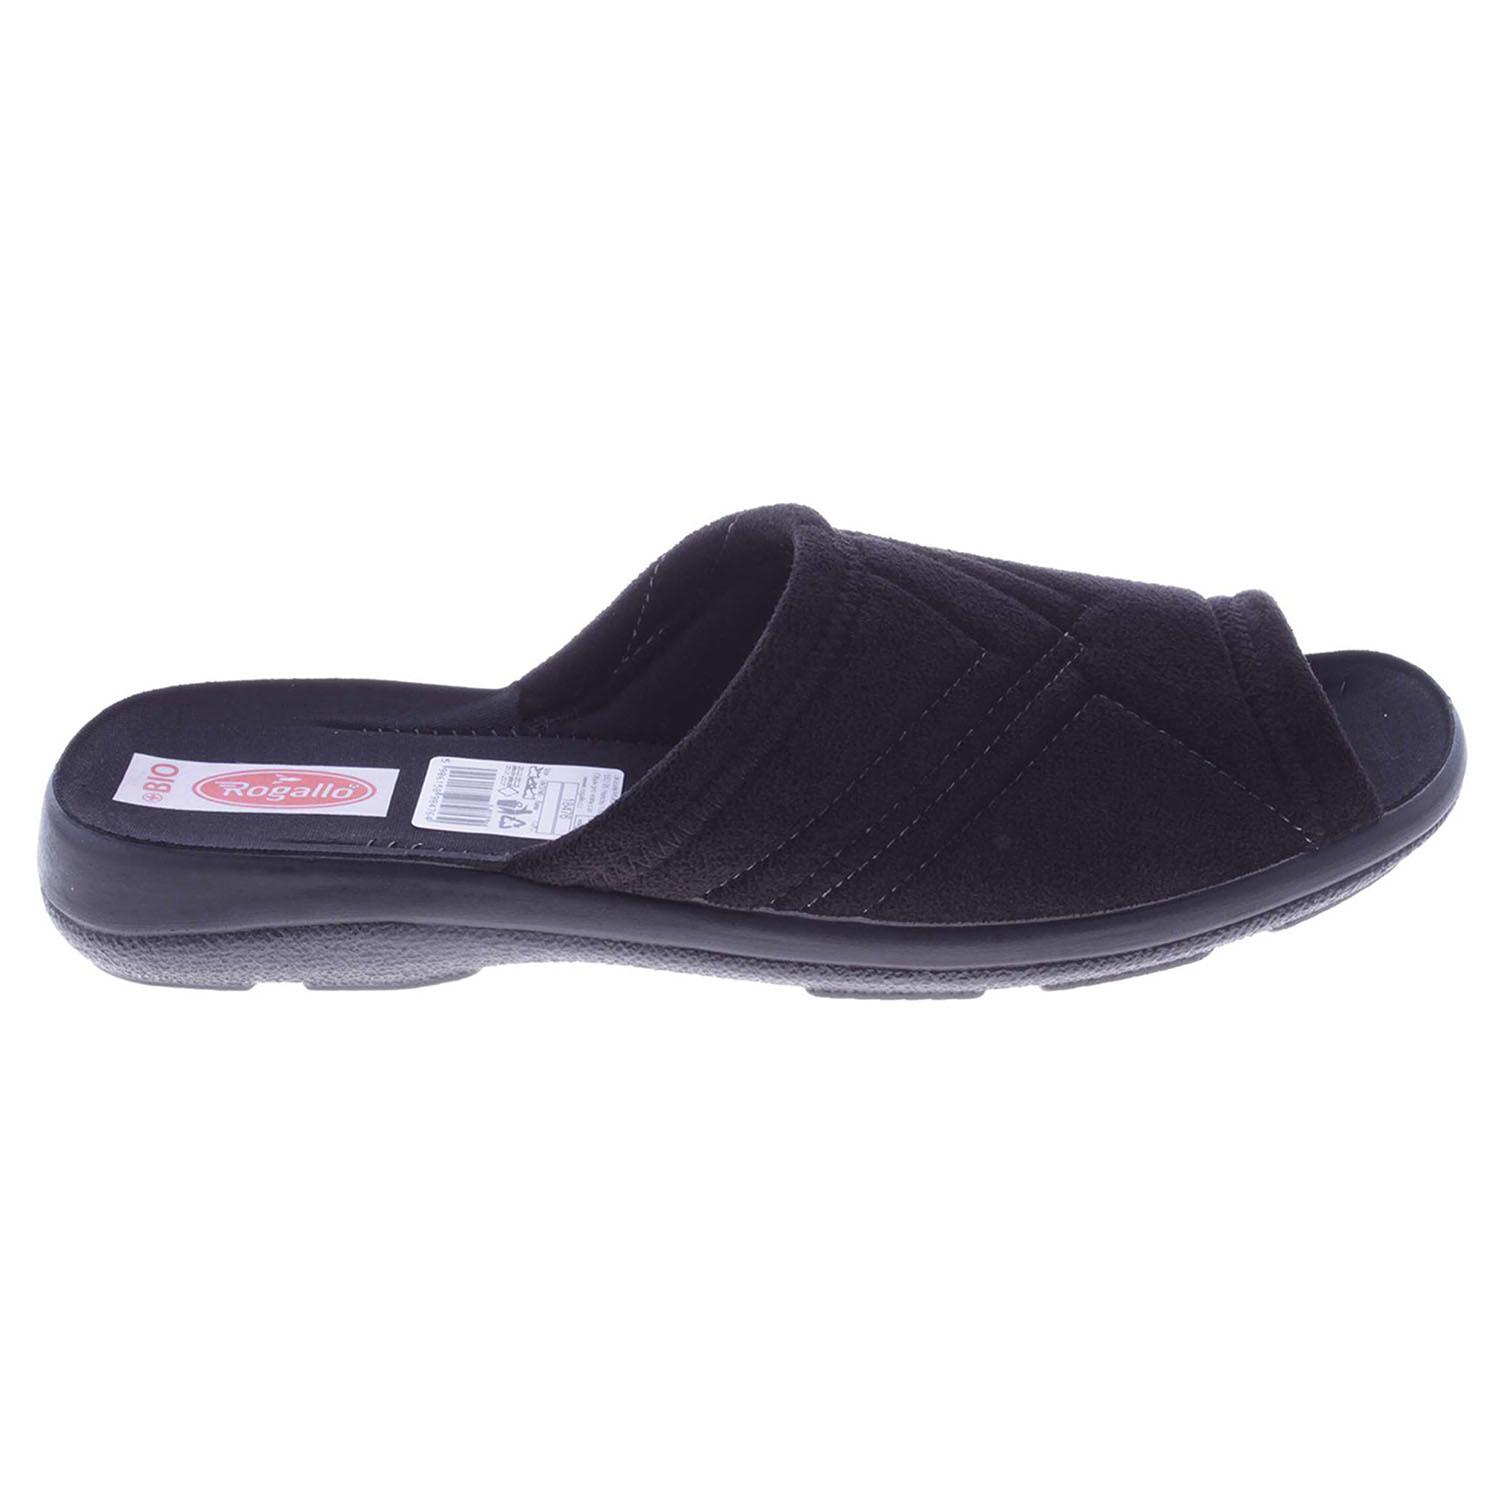 Ecco Rogallo pánské pantofle 18476 černé 24800171